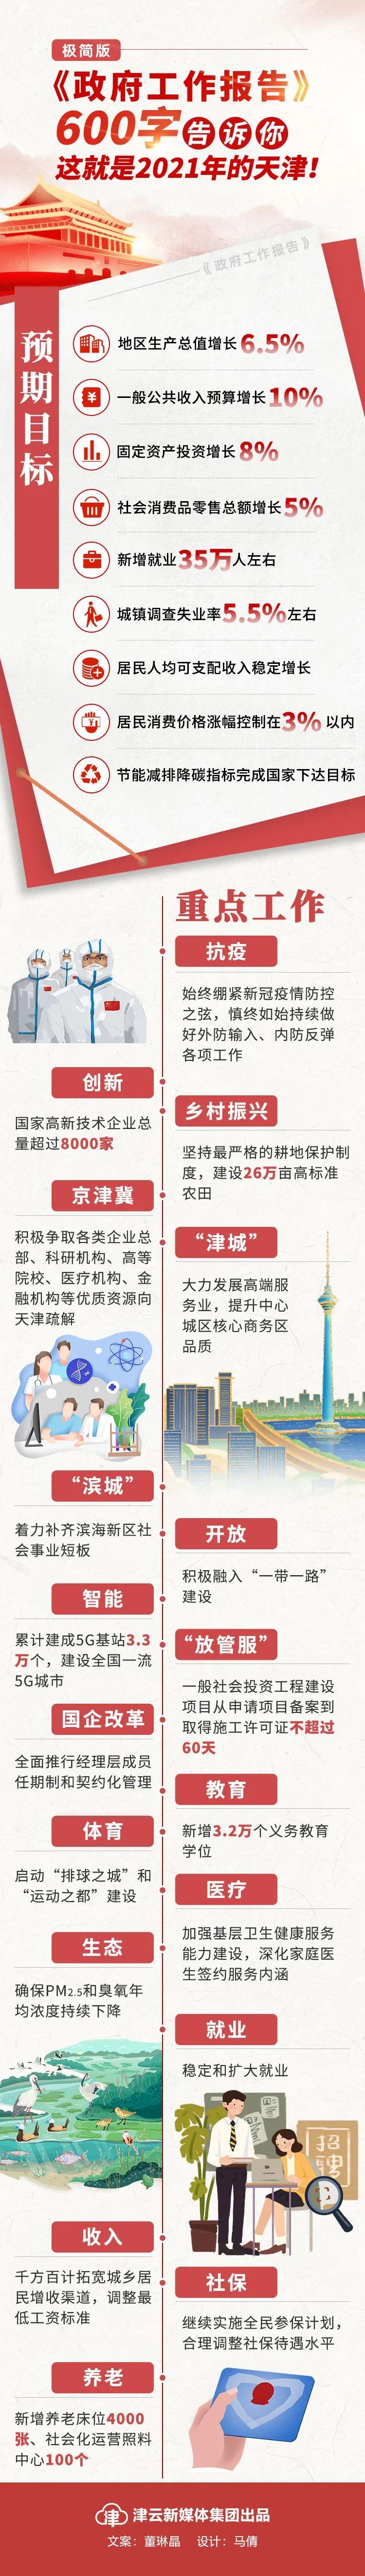 600字极简!《政府工作报告》中,这就是2021年的天津!图片